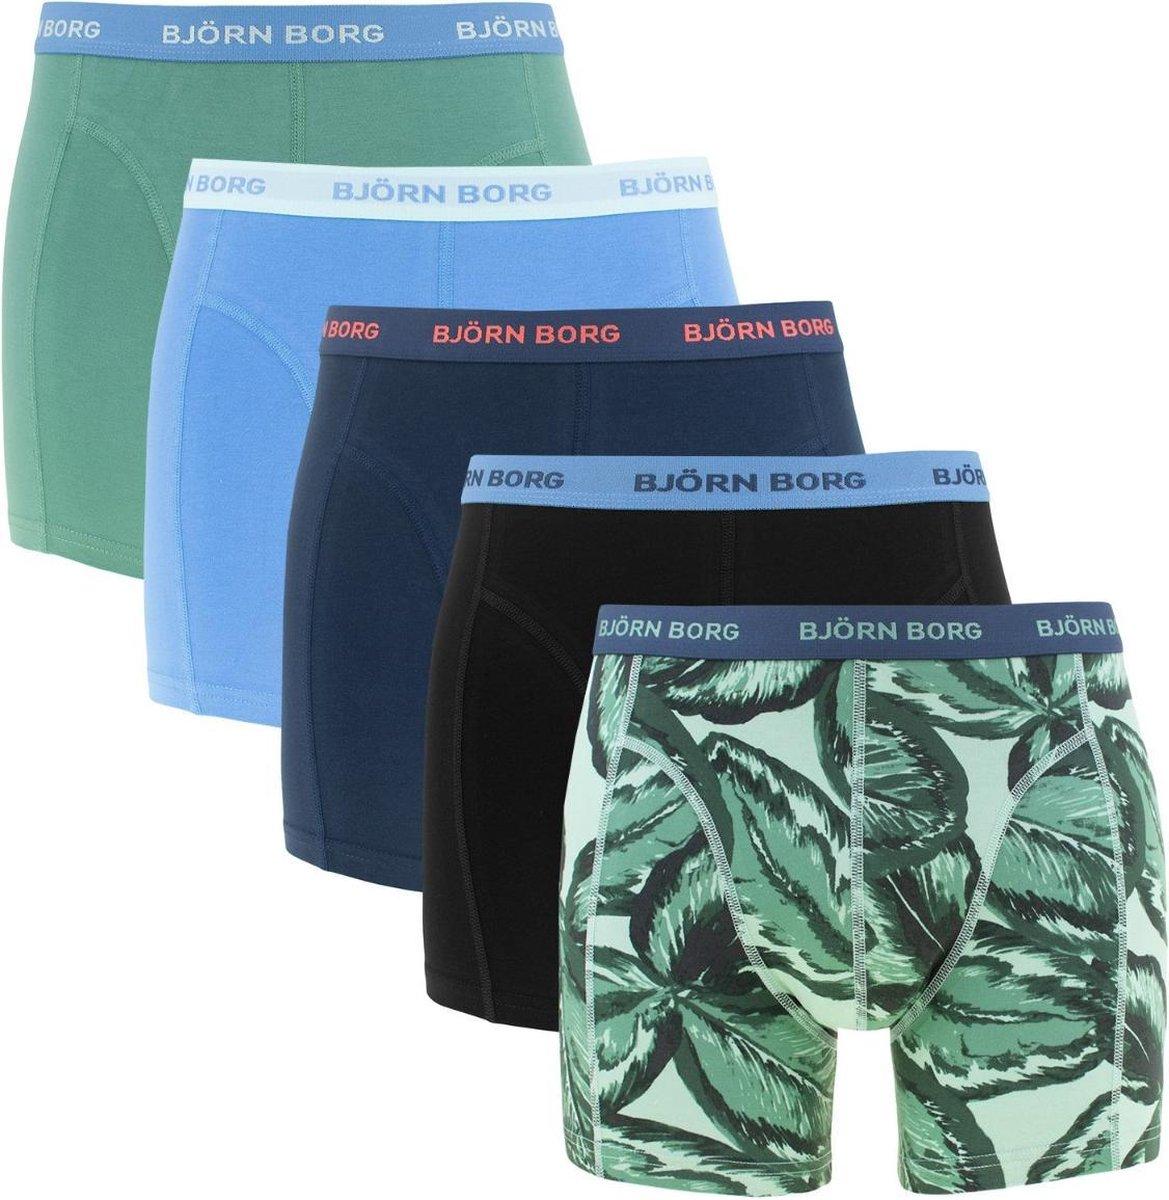 Björn Borg - boxershorts Heren - 5-pack - blauw/groen/print/uni - Essential-  Maat M